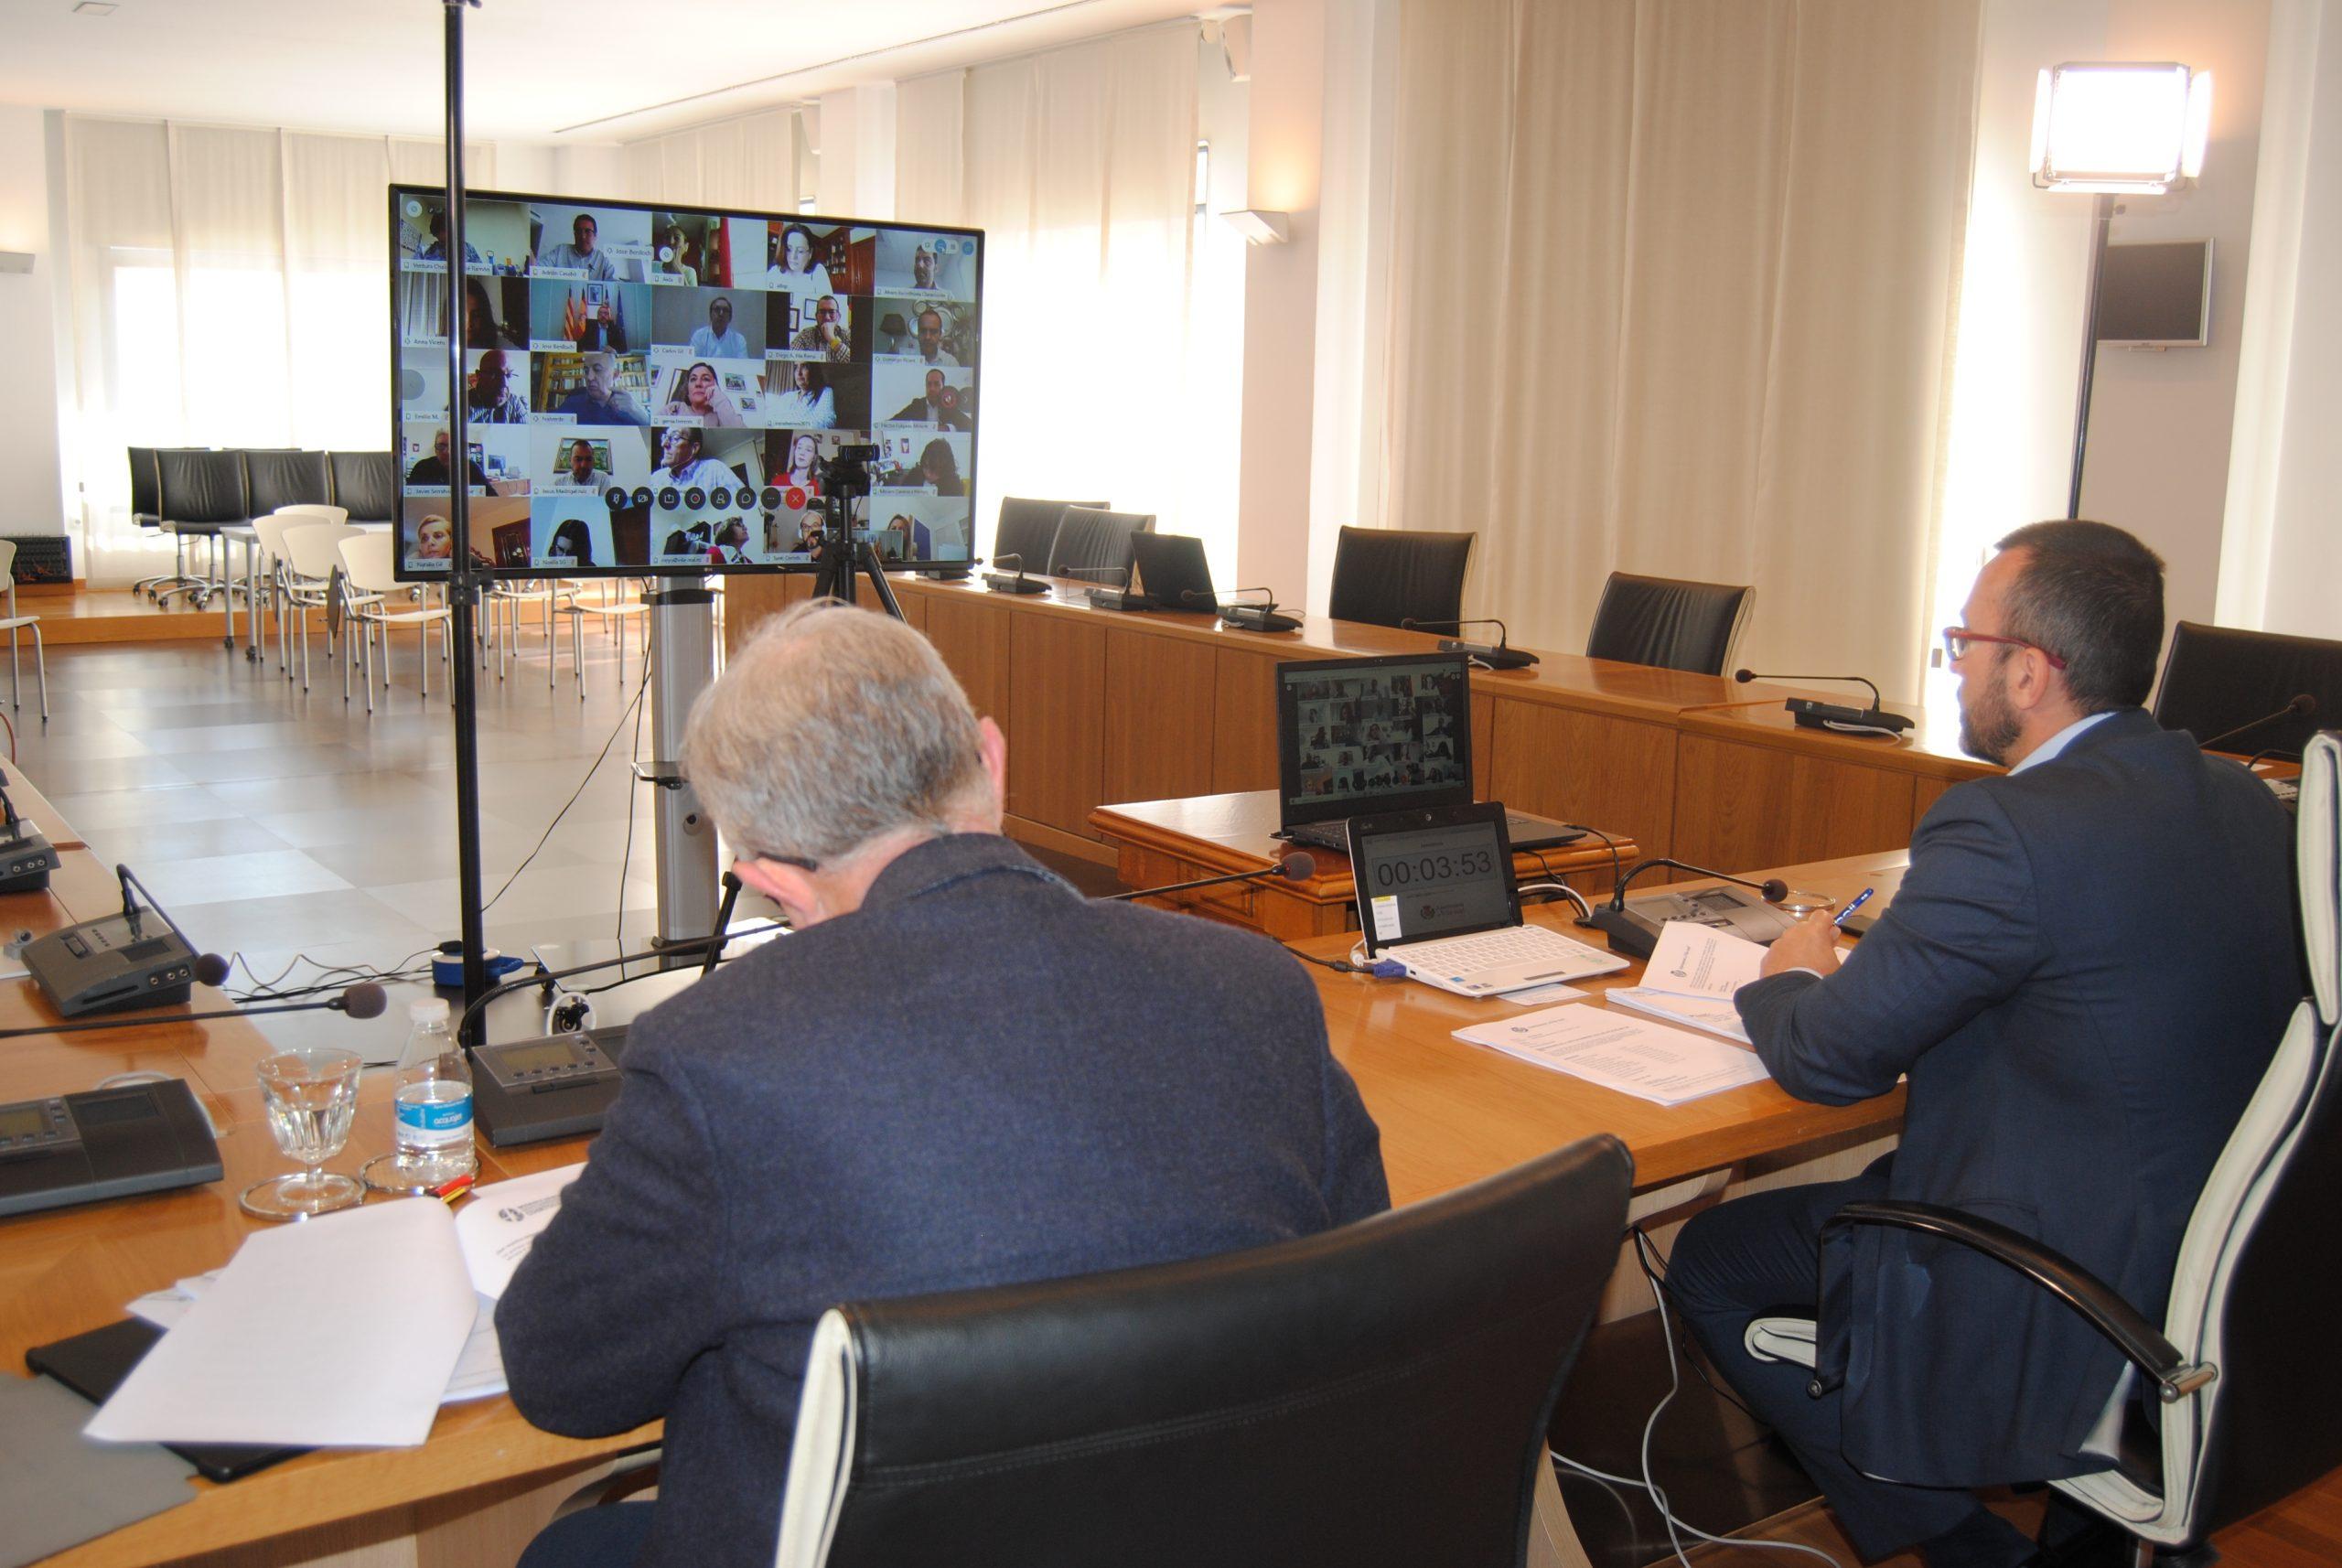 El Pleno aprueba el pago de 257.000 euros a proveedores y avala el cambio del festivo del 18 de mayo al 11 de septiembre